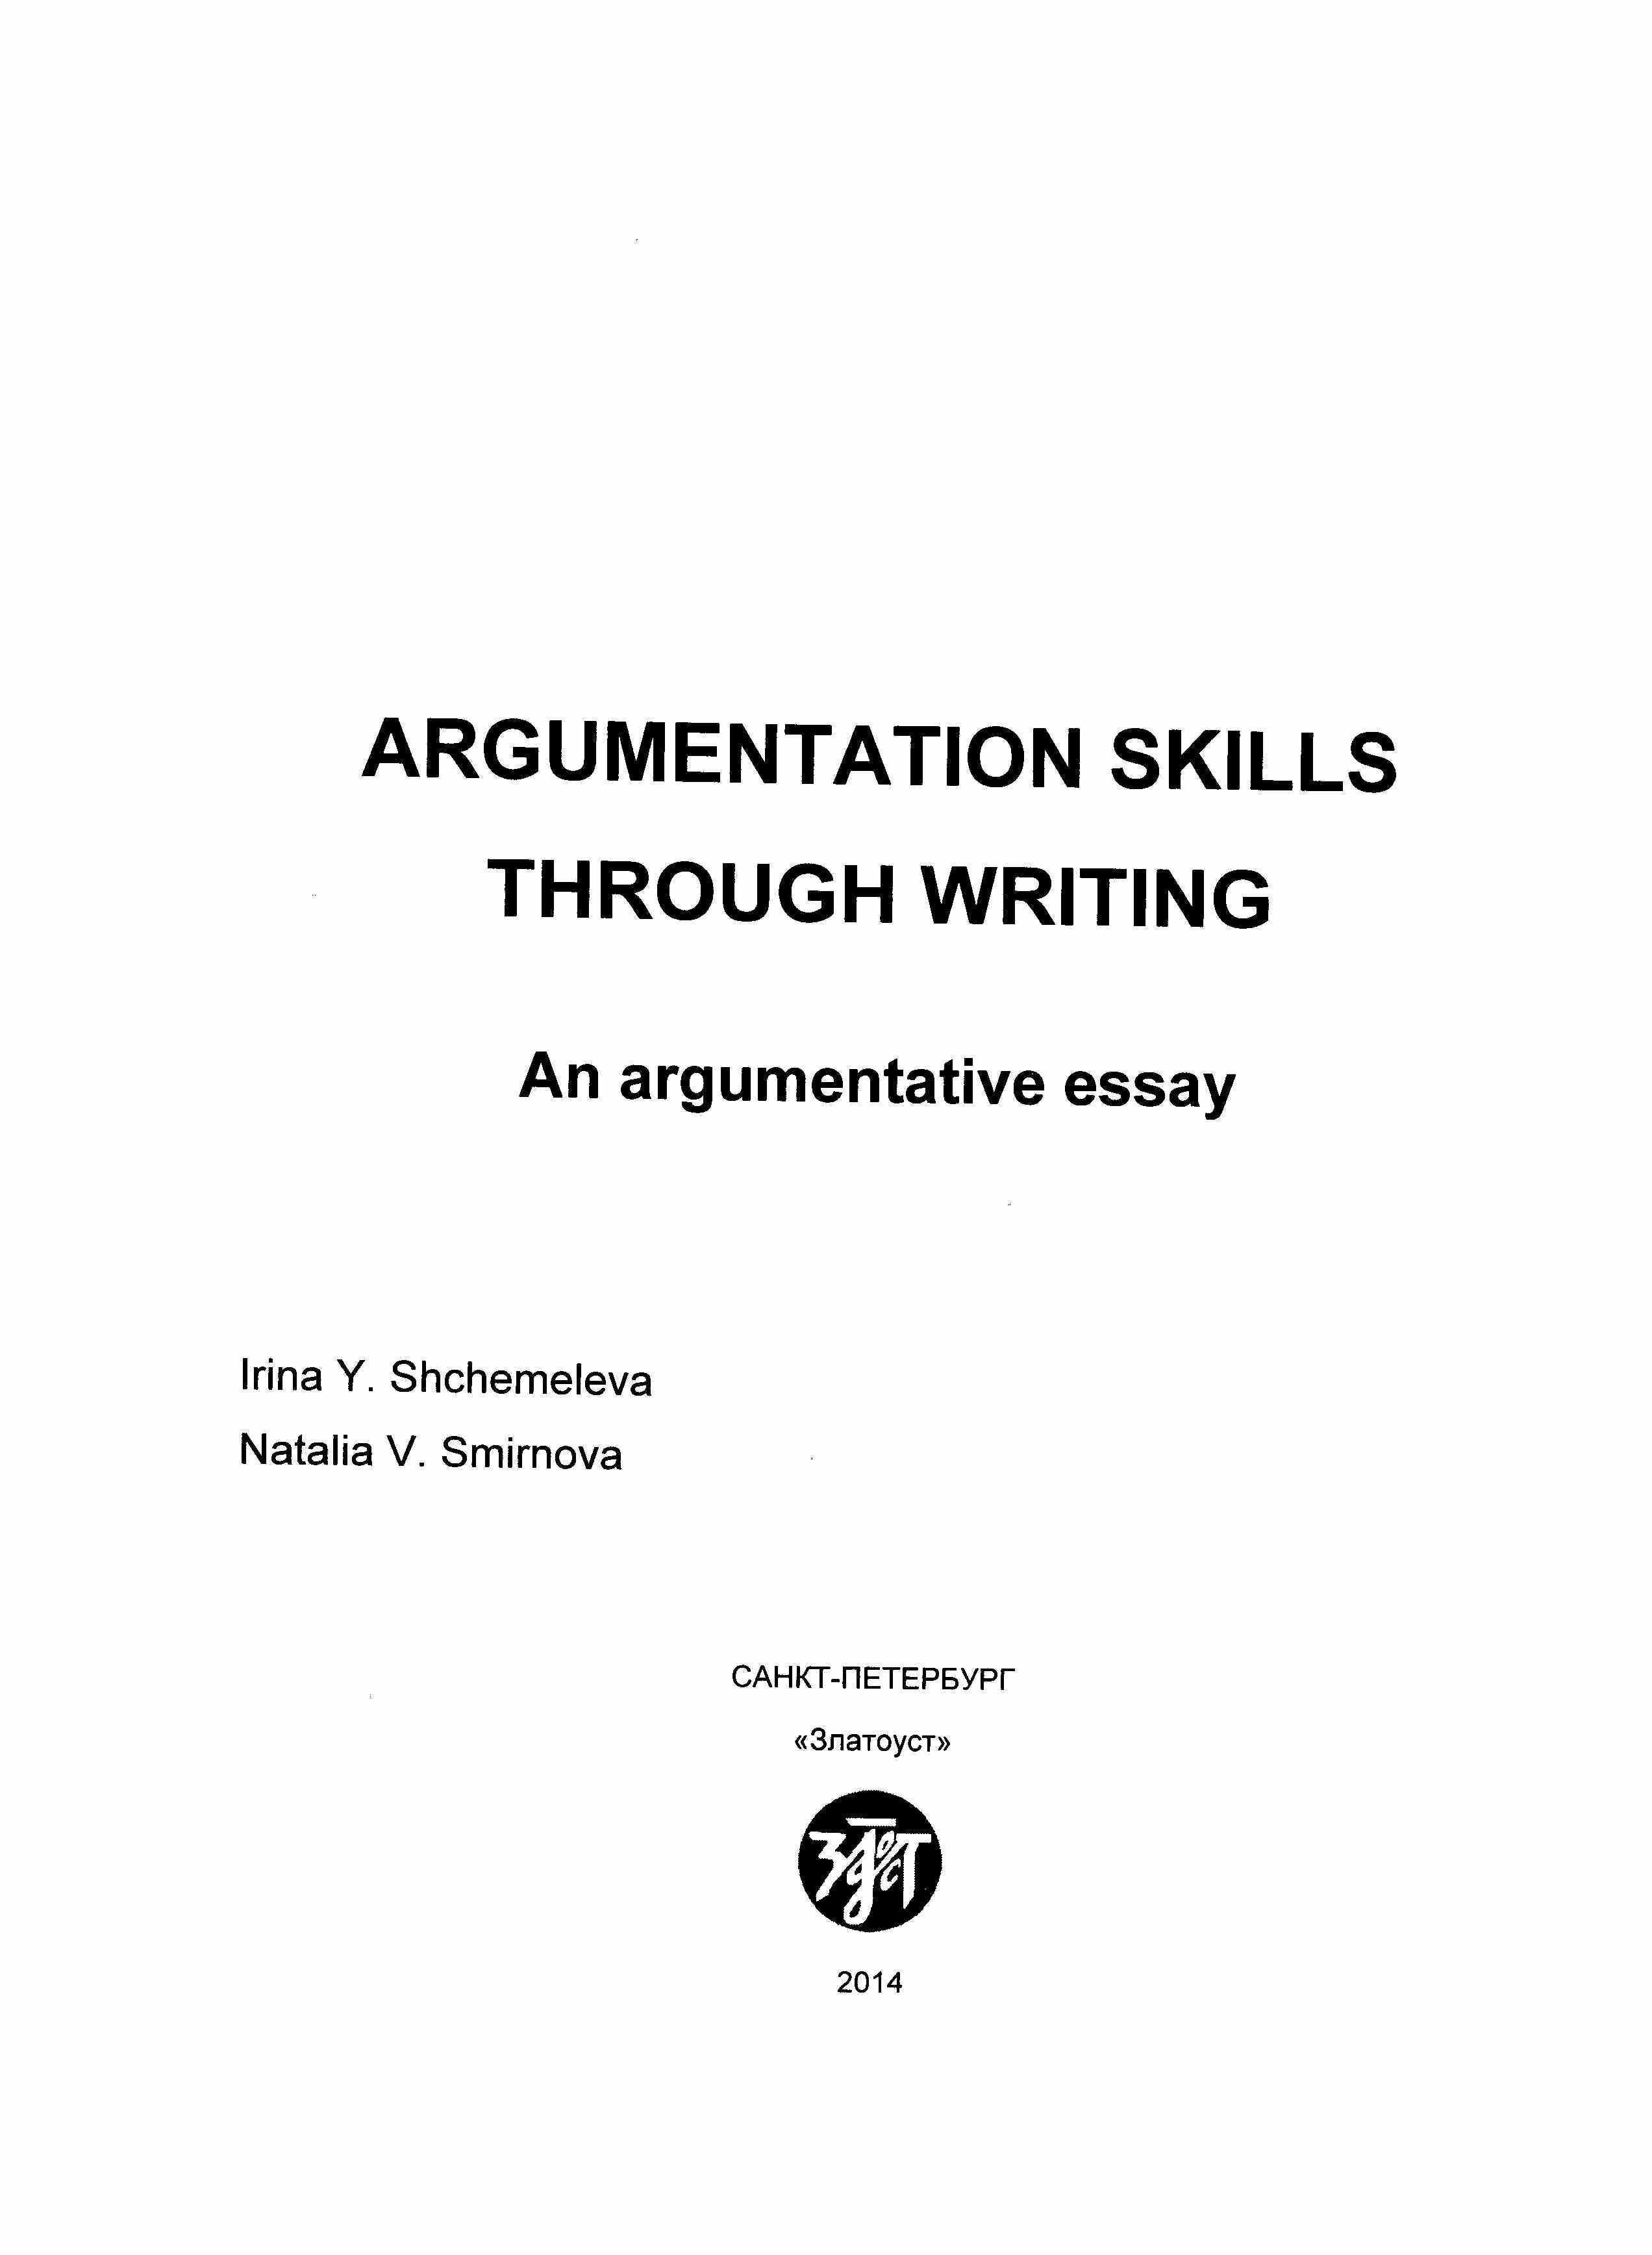 Argumentation skills through writing. An argumentative essay